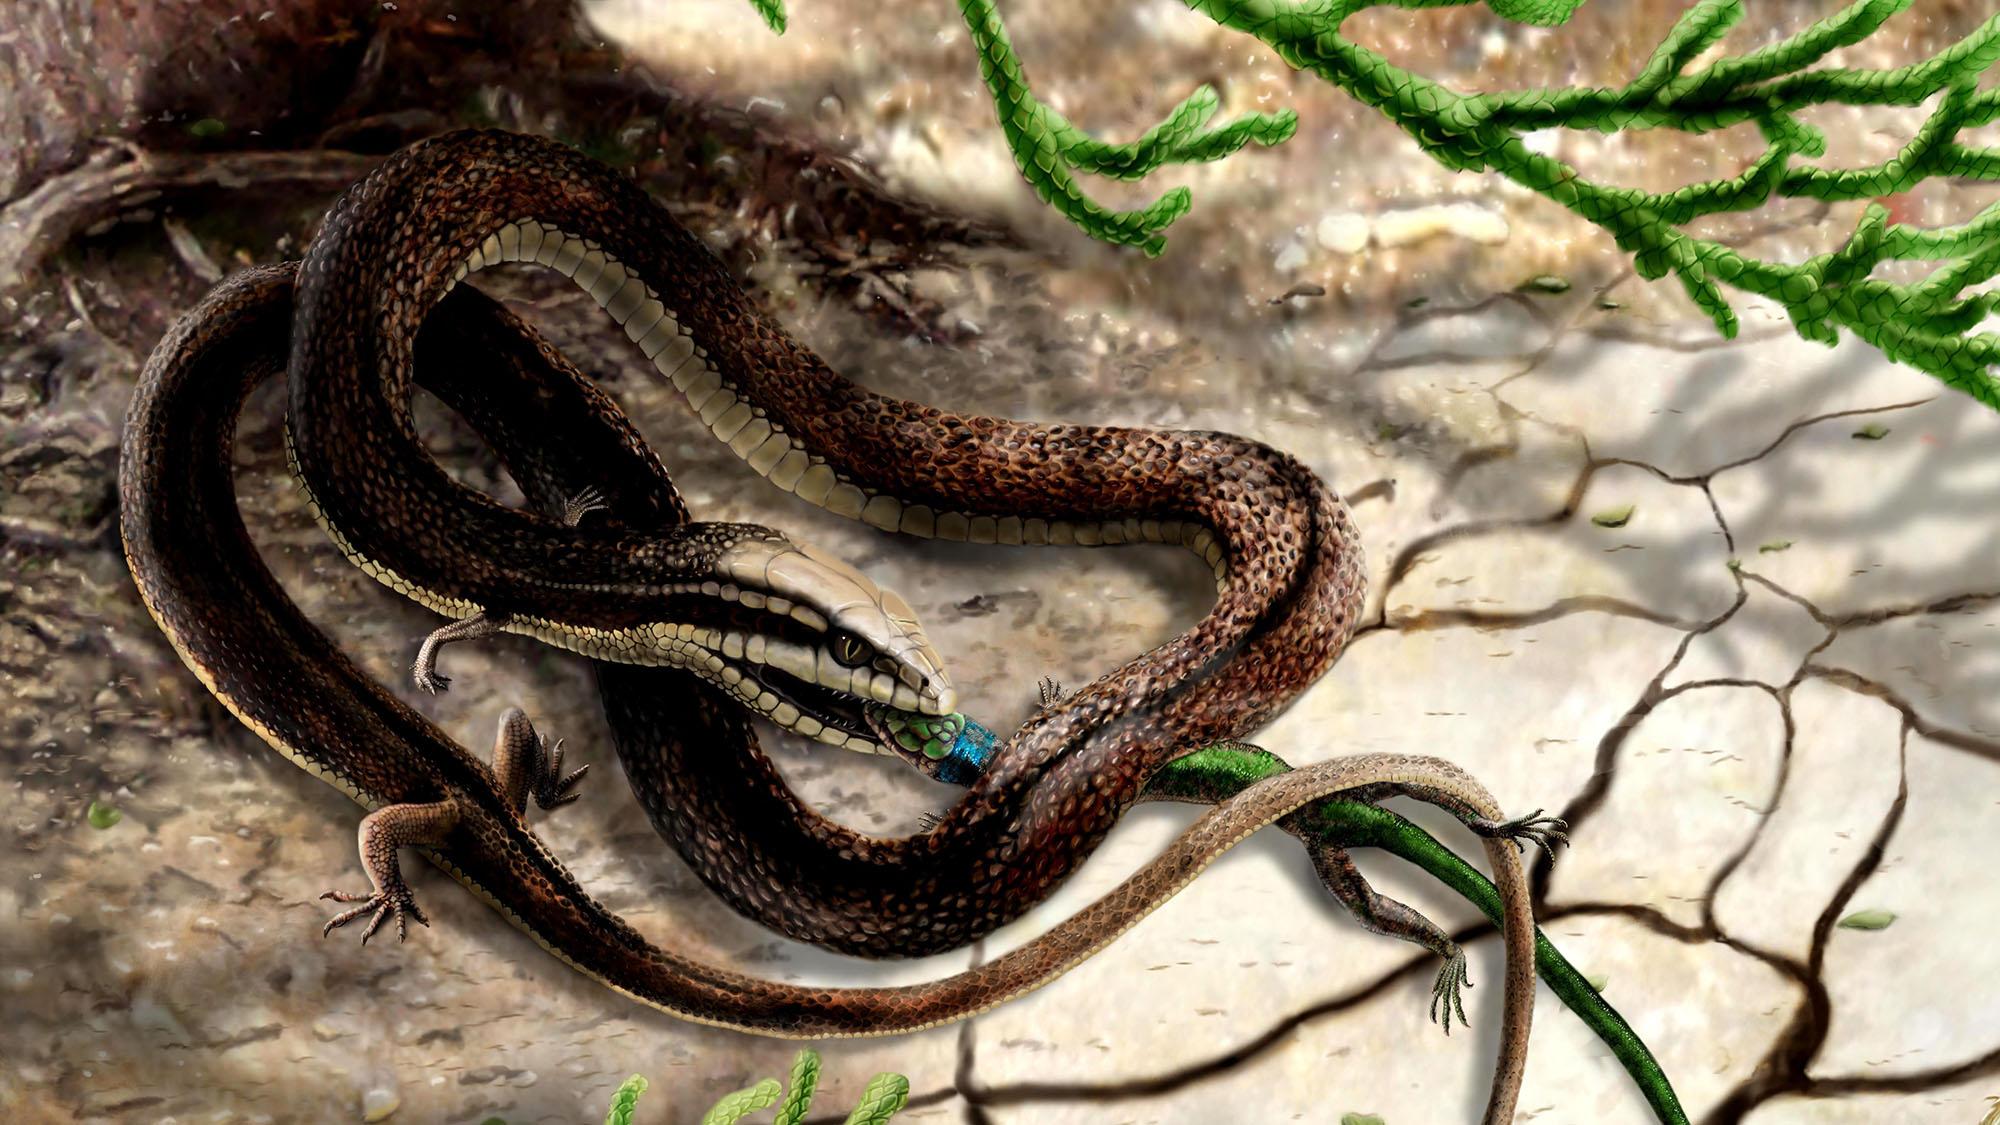 Four-legged snake